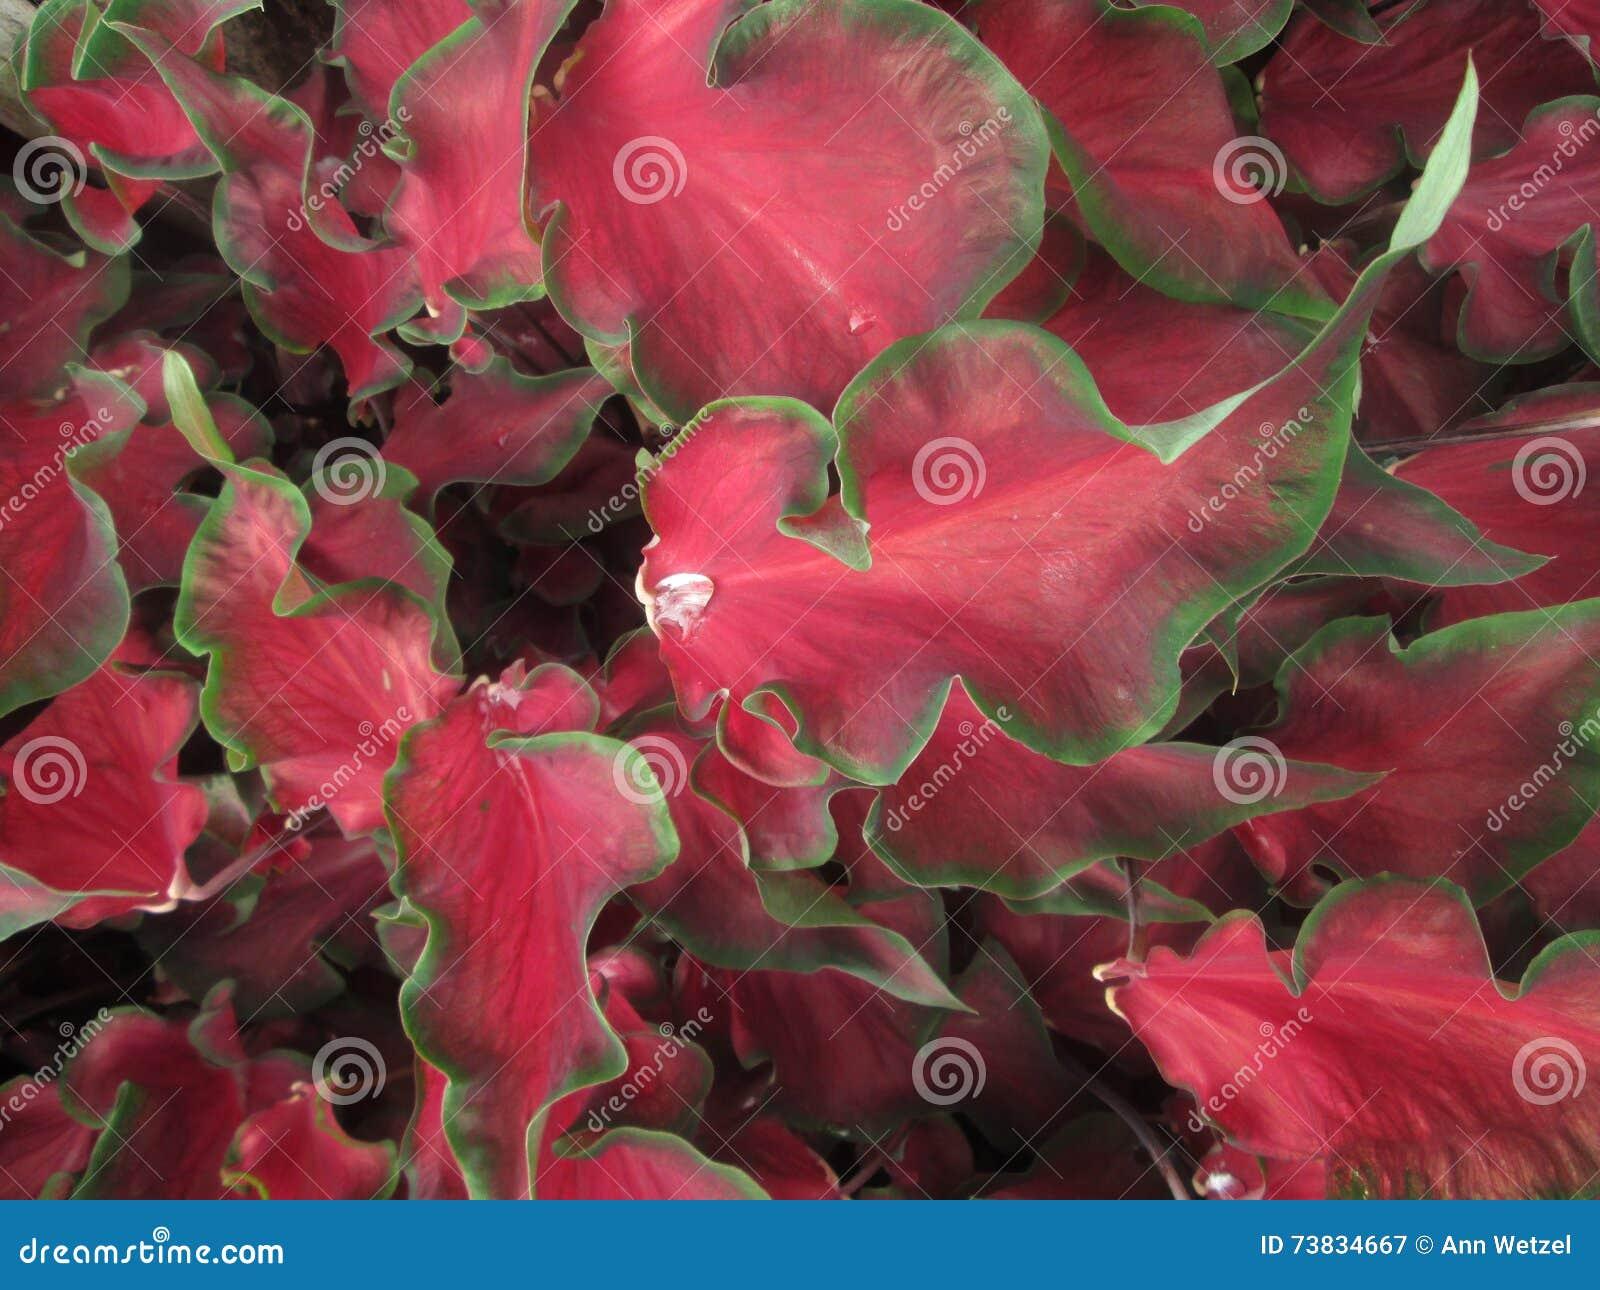 Pianta Foglie Rosse E Verdi foglie rosse e verdi del caladium immagine stock - immagine